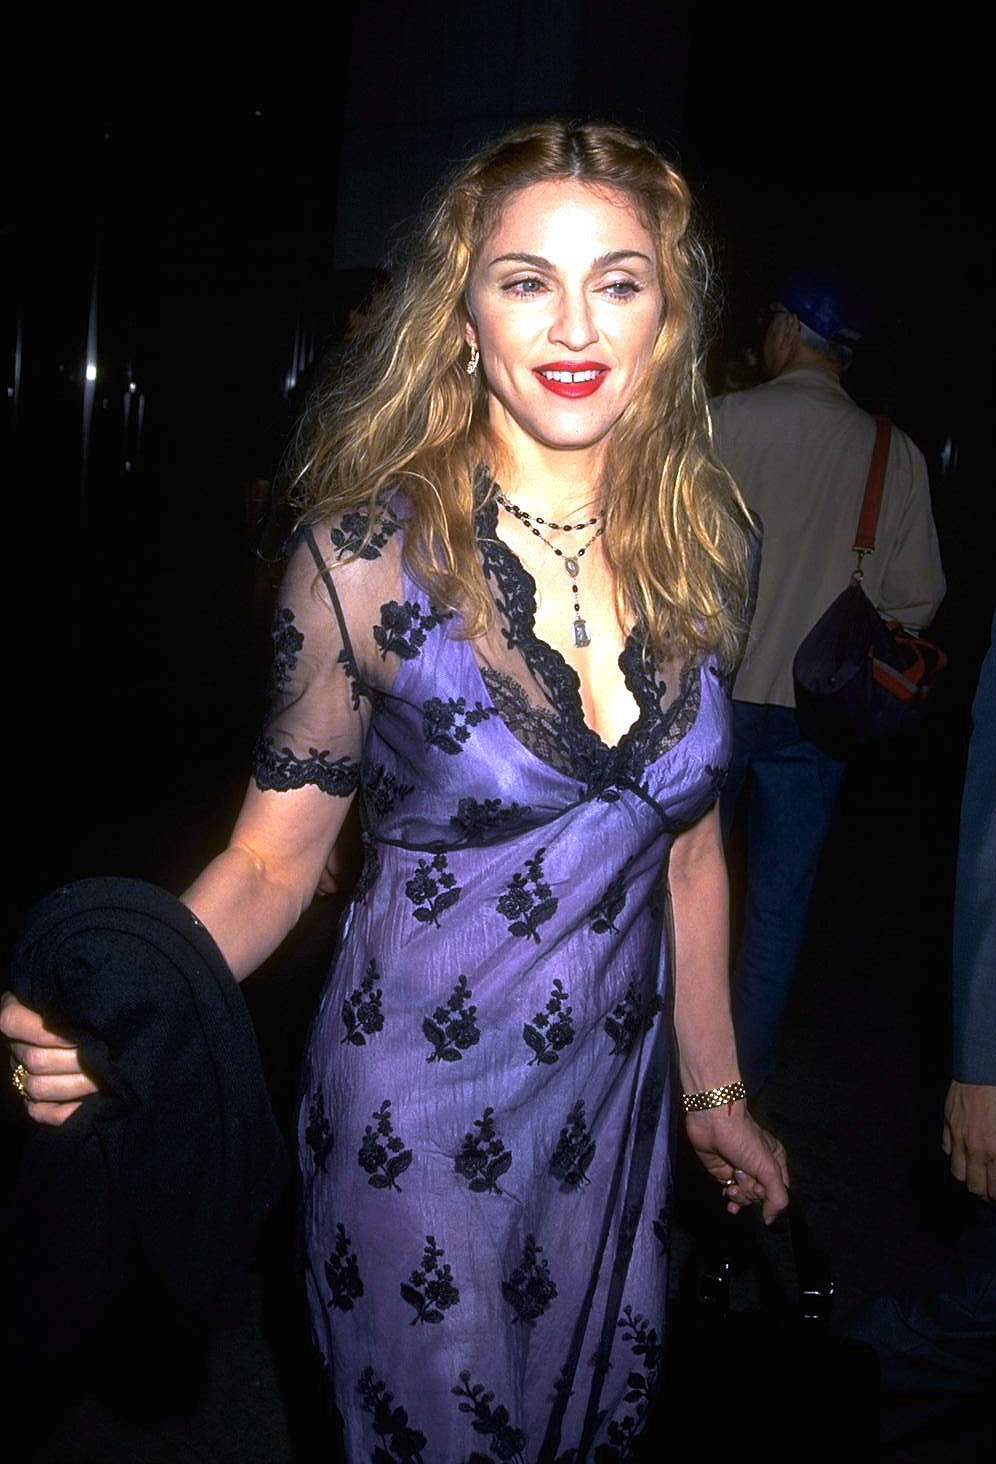 <p><strong>Мадона</strong></p>  <p>Няма как без Мадона през 90-те. Голяма коса, тежък грим и откровена сексуалност &ndash; запазените марки на Кралицата на попа през това десетилетие.</p>